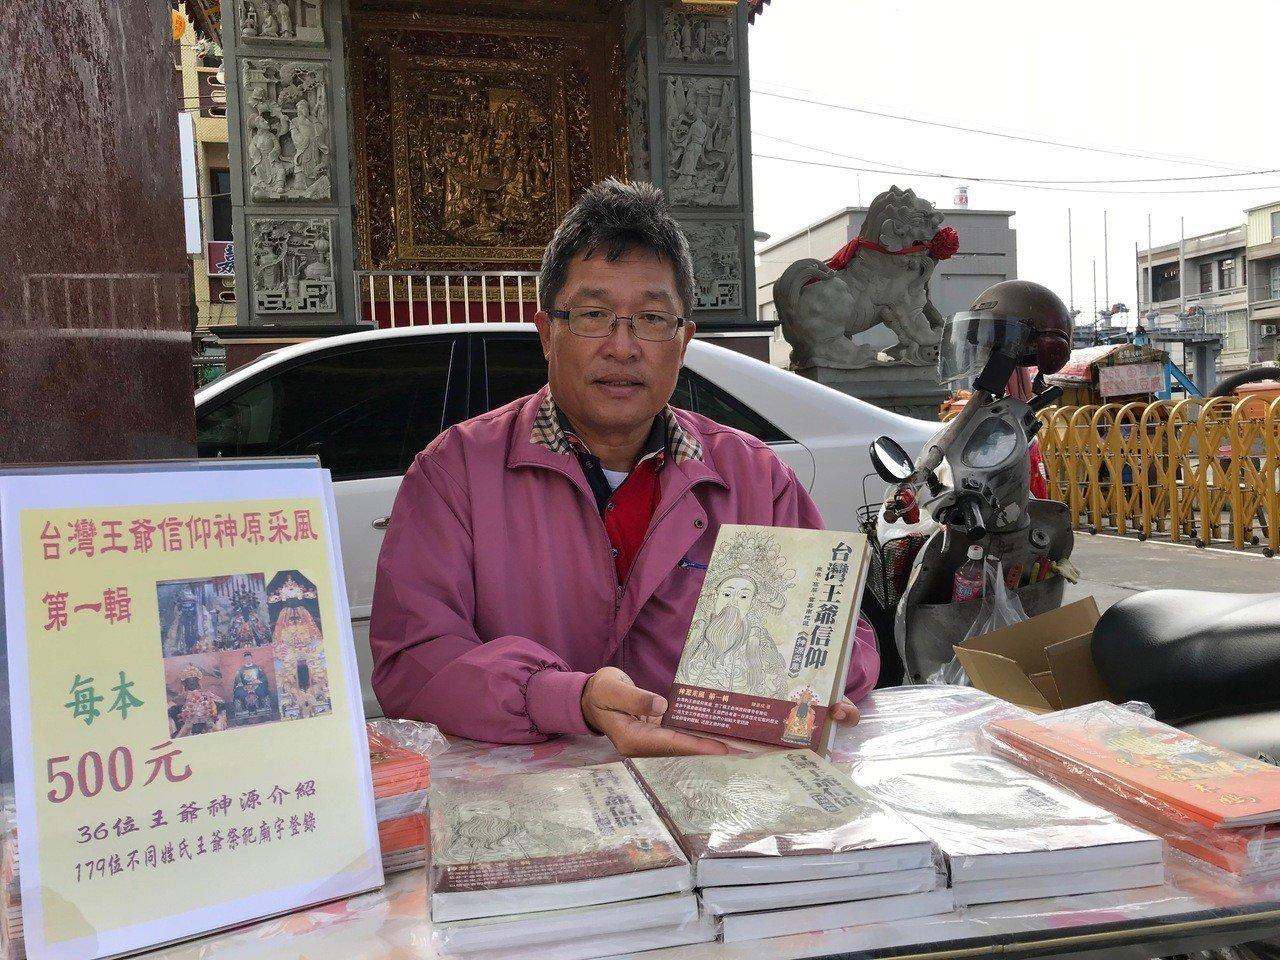 東港文史工作者陳進成利用假日在東港東隆宮擺攤賣書。記者蔣繼平/攝影